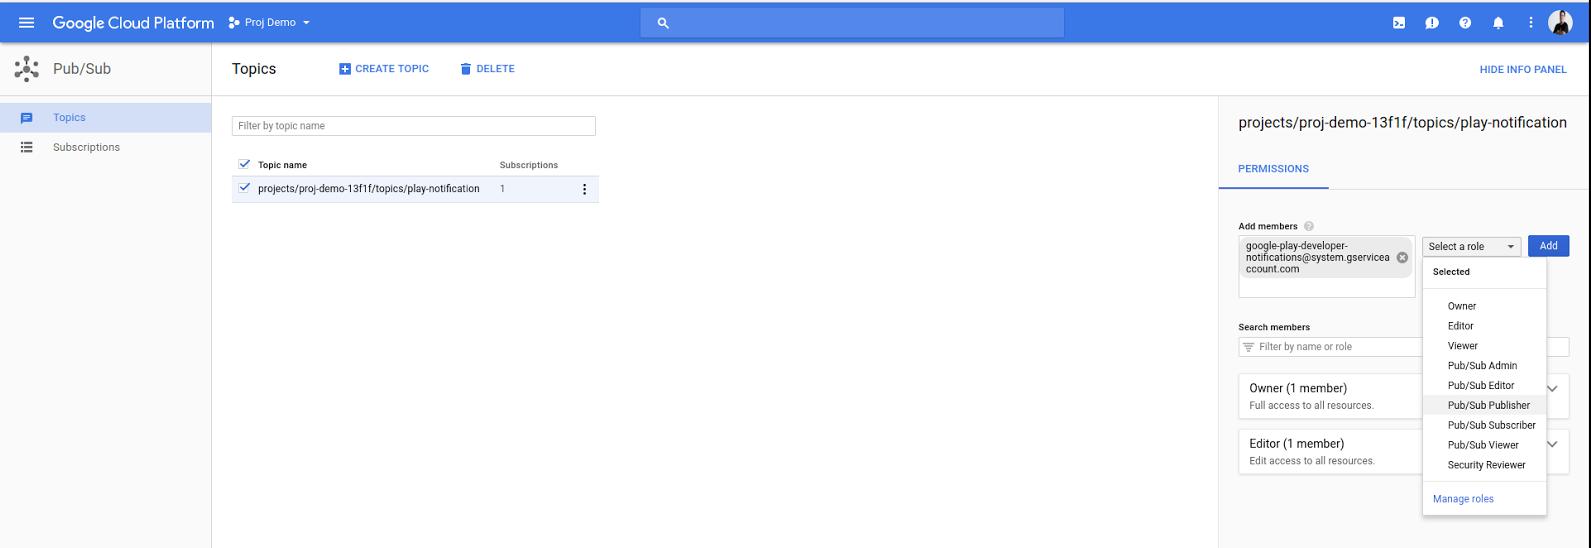 Google Play サービス アカウントを Pub/Sub パブリッシャーとして追加する